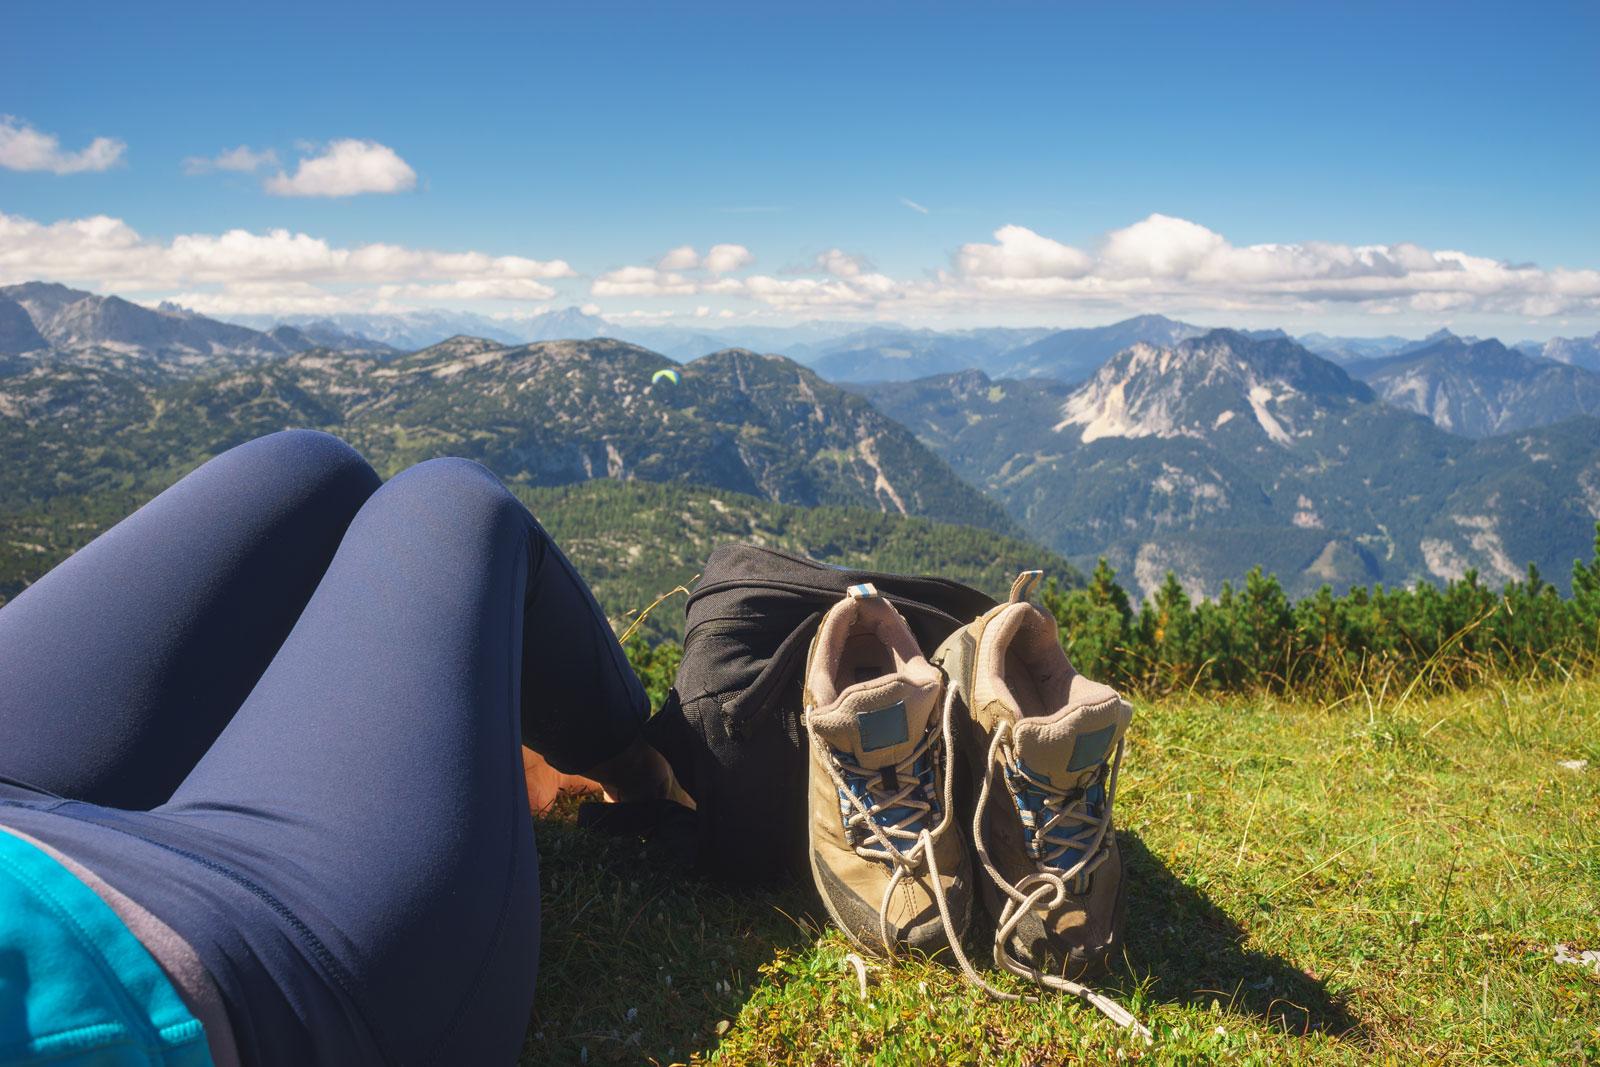 Frischluft für die Füße: Nutze die Pause, um deine Wanderschuhe zu lüften.